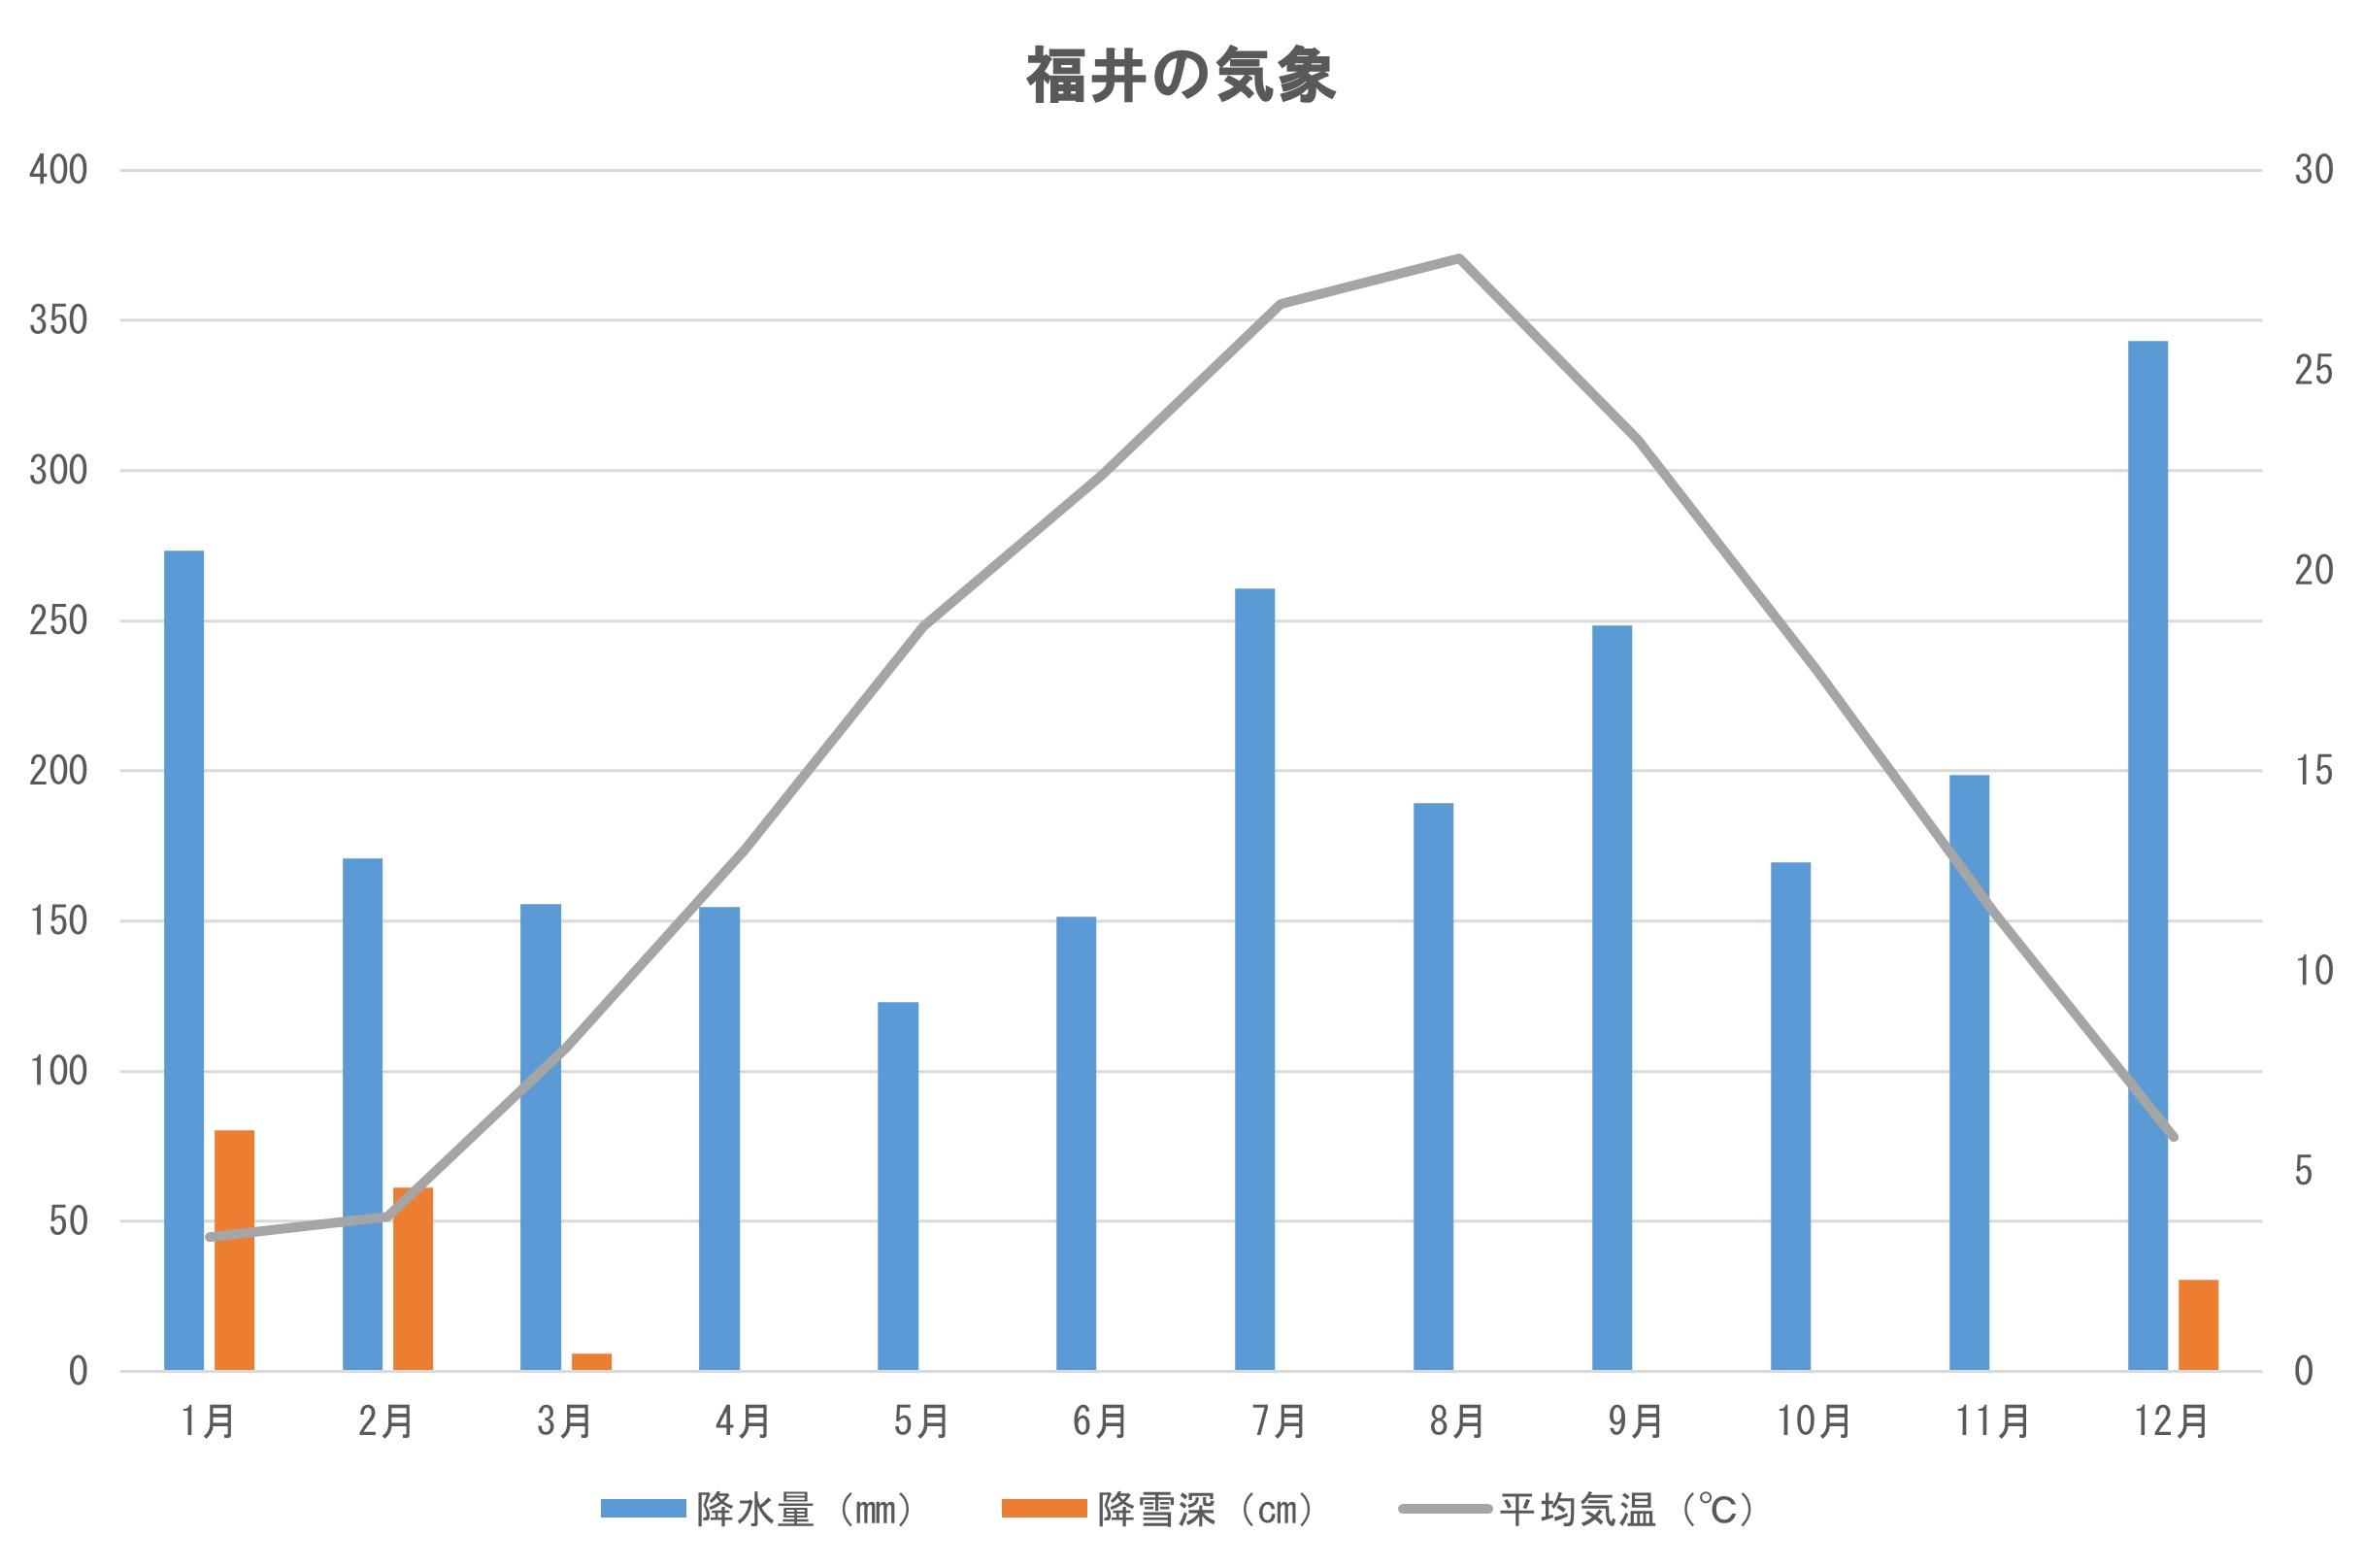 福井の気象